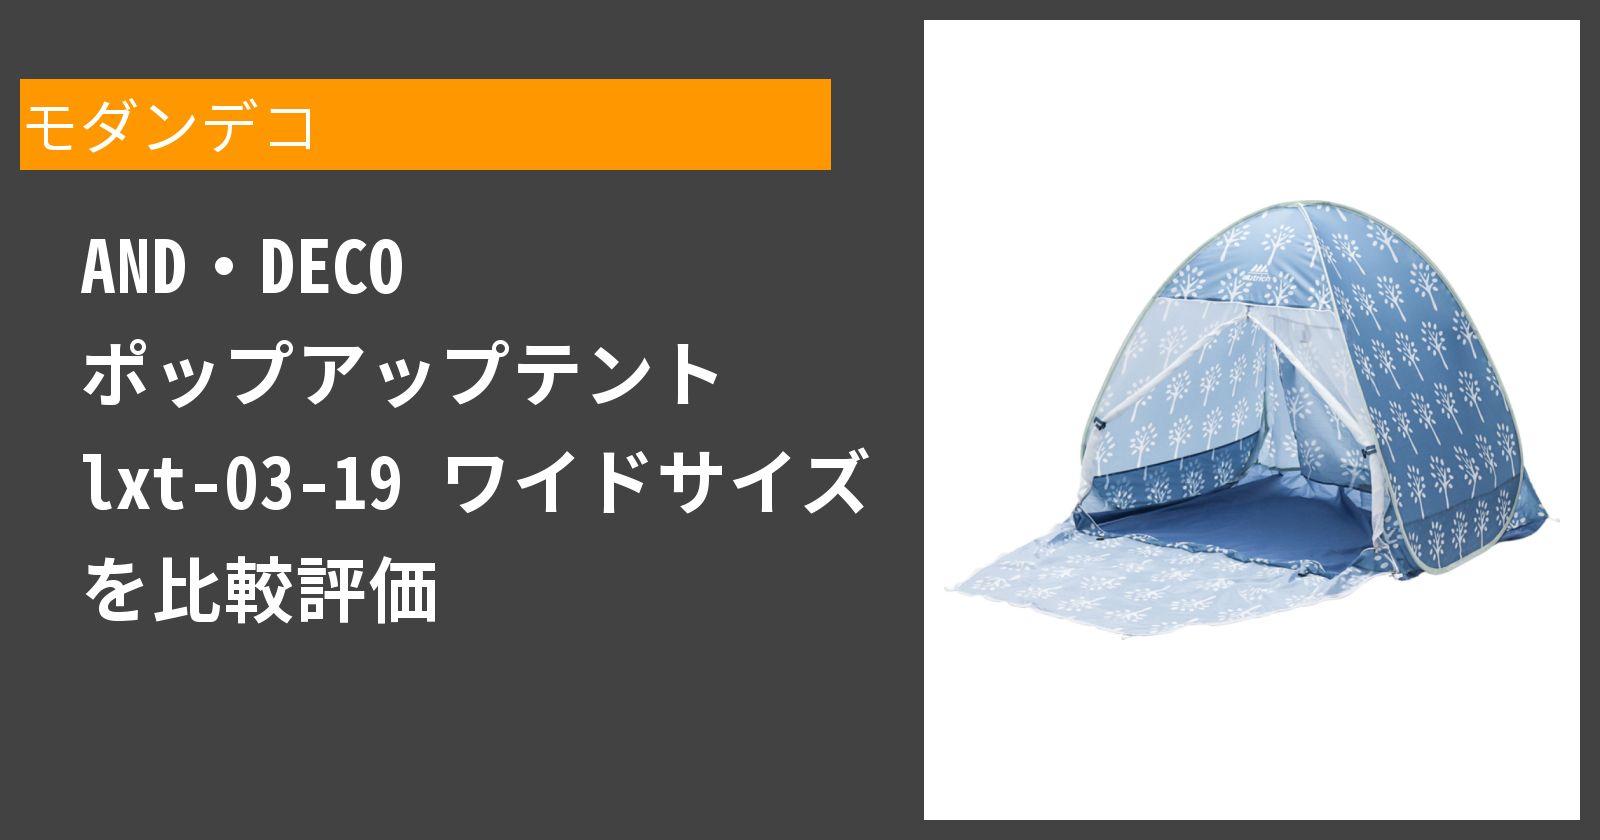 AND・DECO ポップアップテント lxt-03-19 ワイドサイズを徹底評価